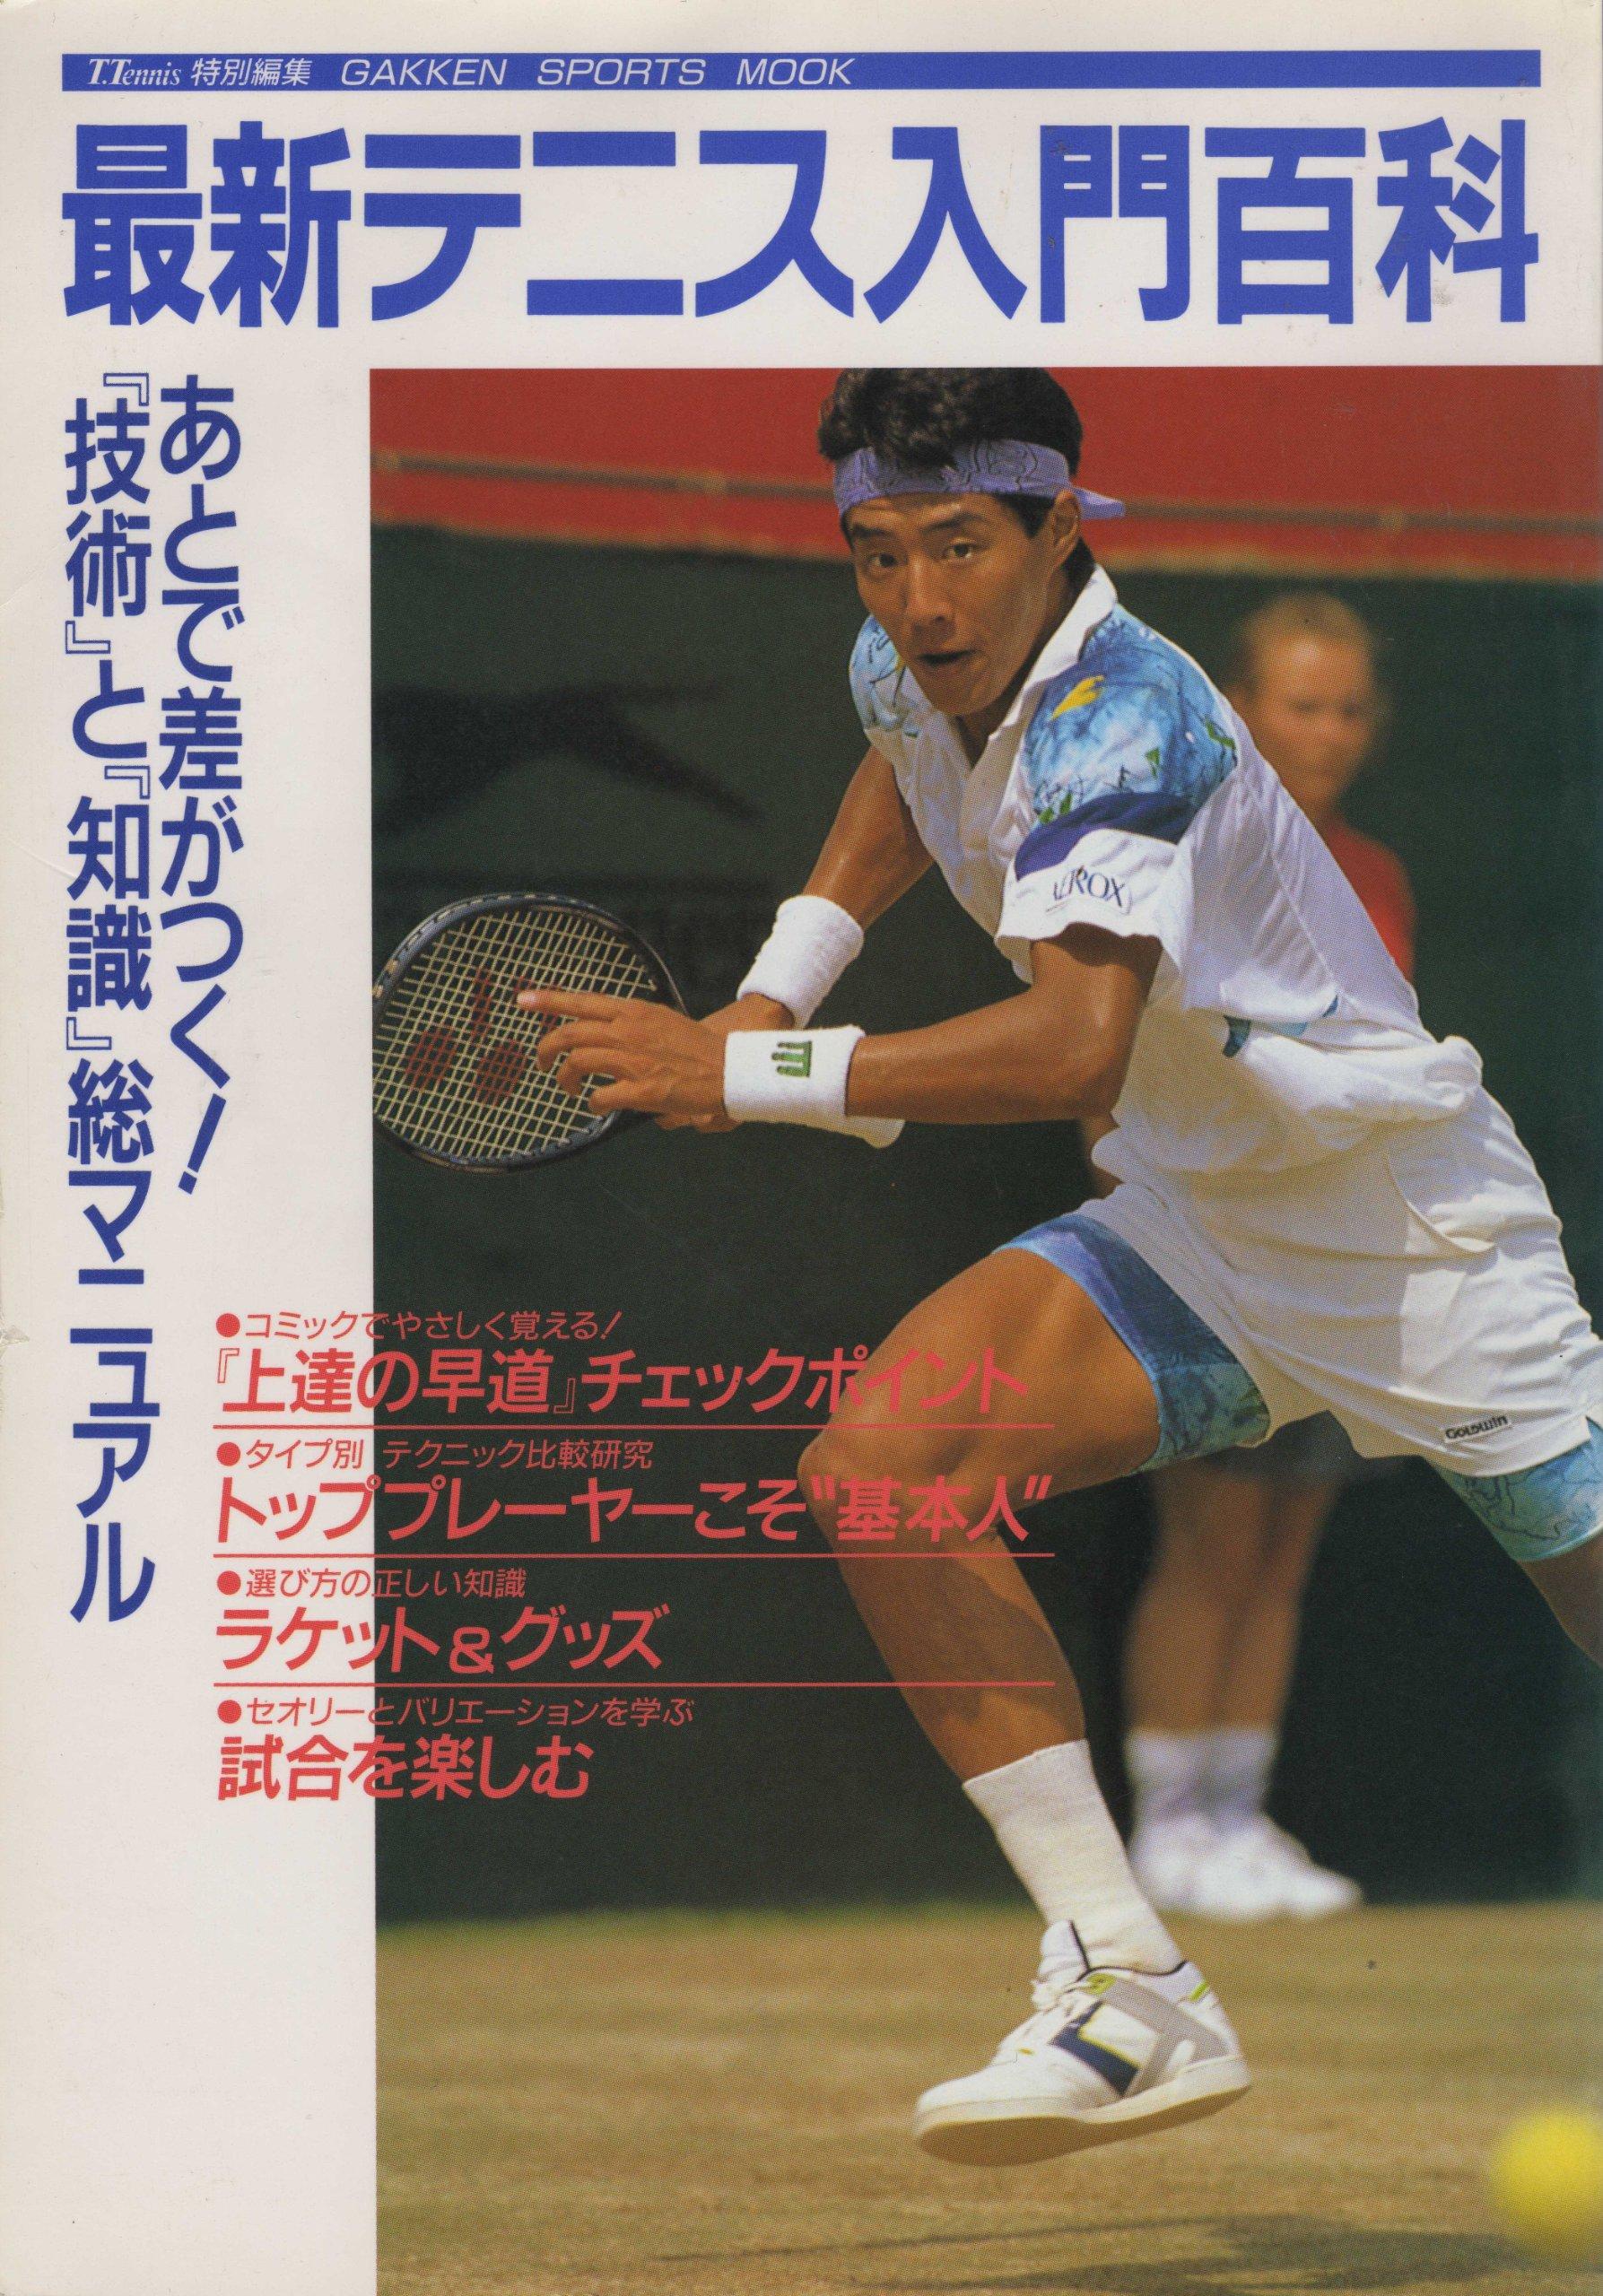 T.Tennis 特別編集 最新テニス入...